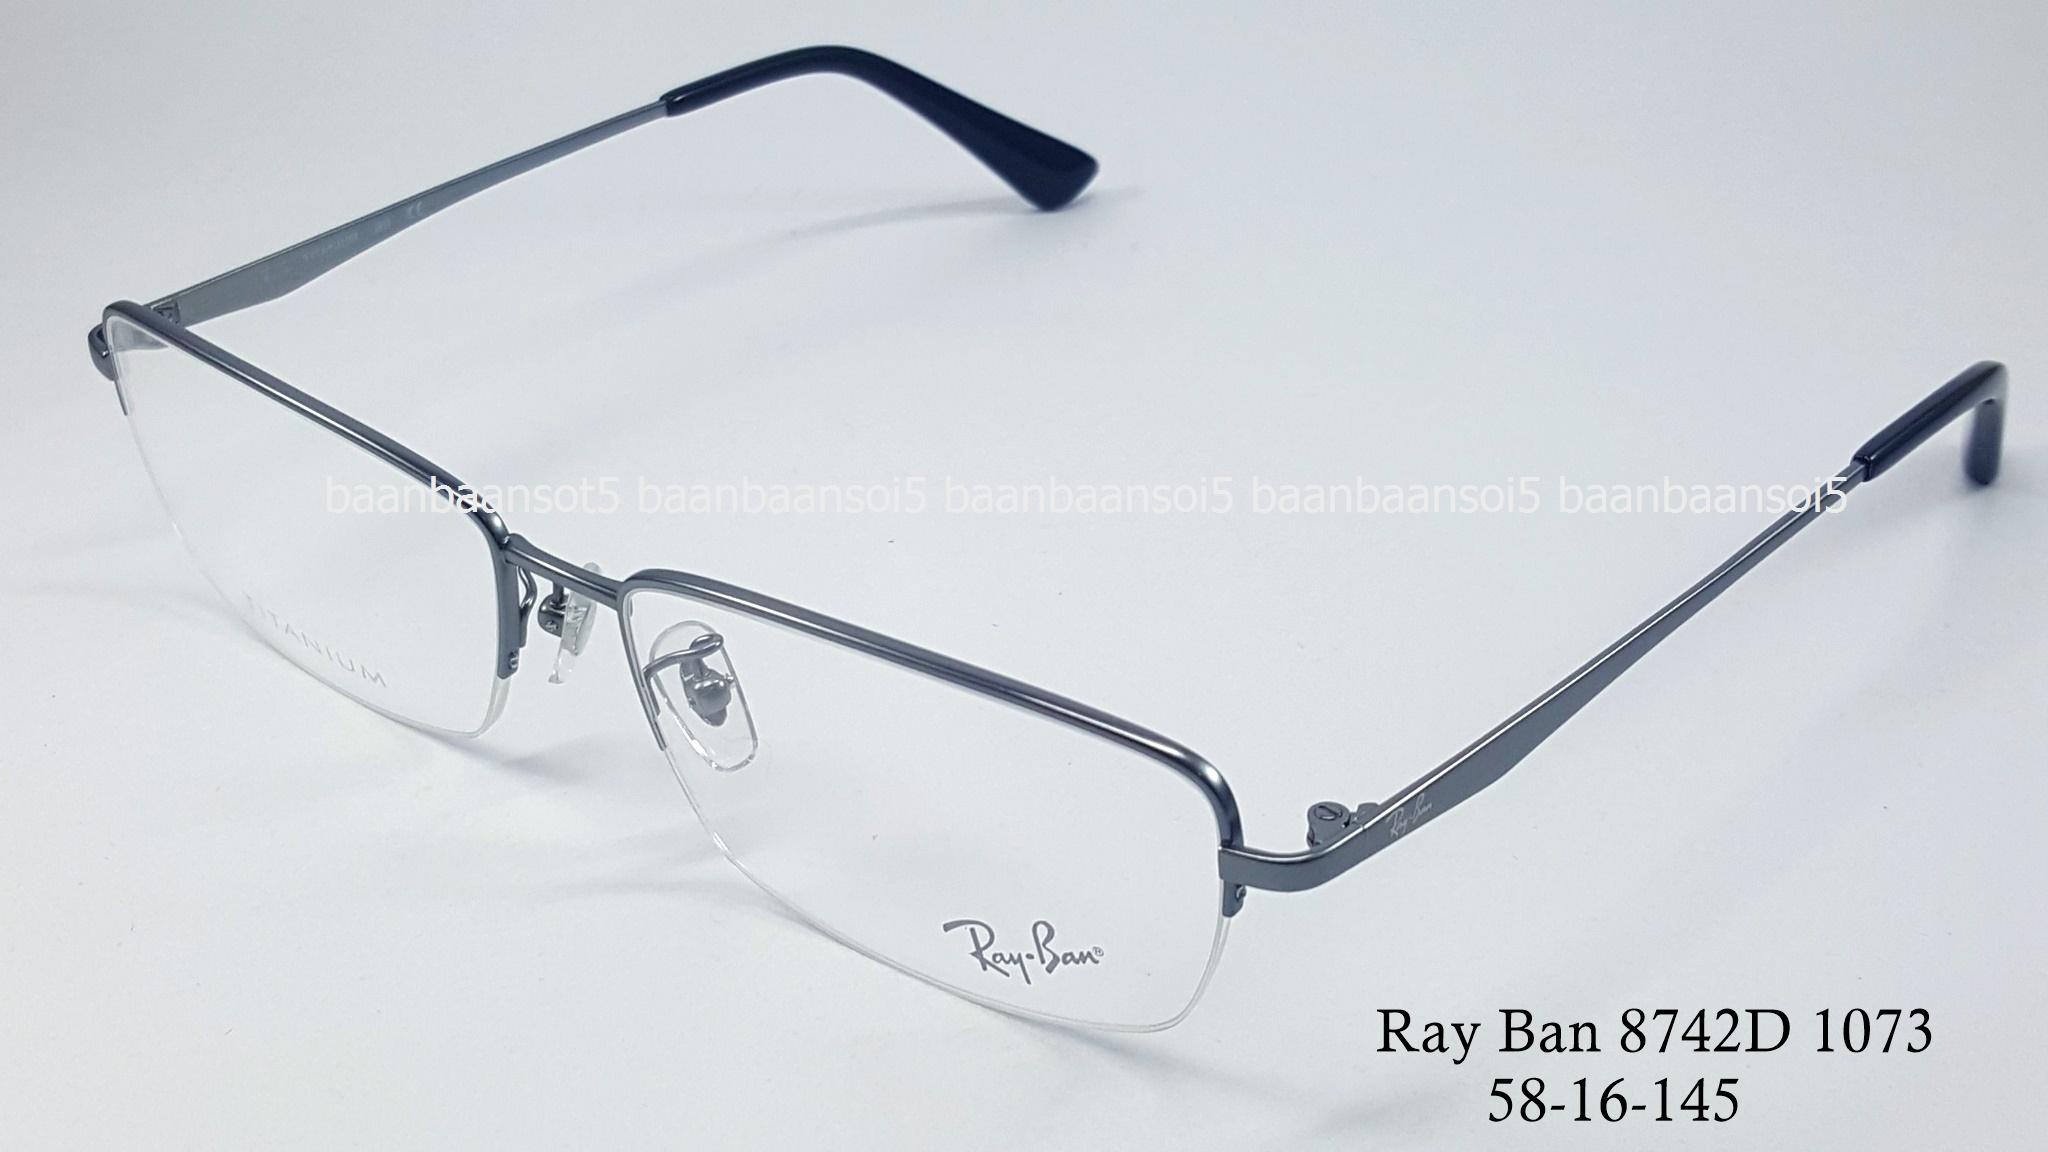 Rayban RX 8742D 1073 โปรโมชั่น กรอบแว่นตาพร้อมเลนส์ HOYA ราคา 3,900 บาท